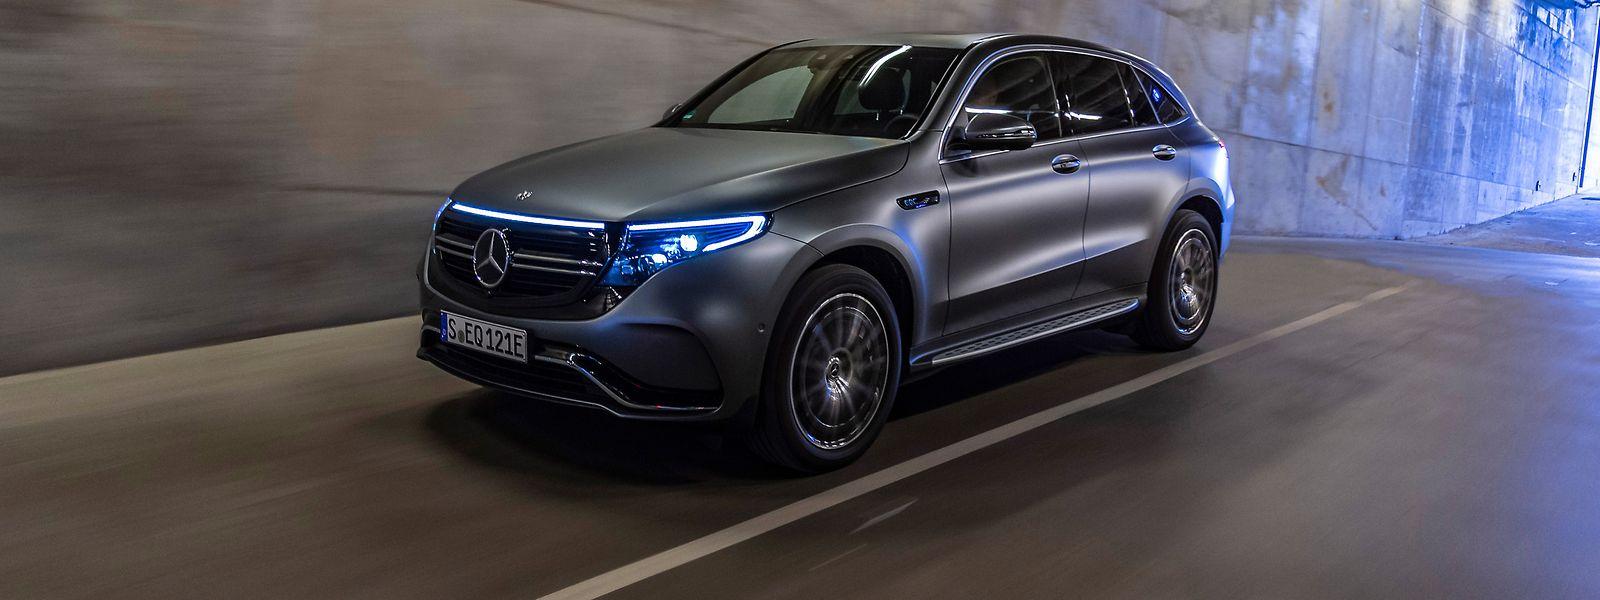 Mit dem SUV-Modell EQC hat Mercedes-Benz im vergangenen Jahr das erste Fahrzeug seiner Elektromarke EQ auf den Markt gebracht.